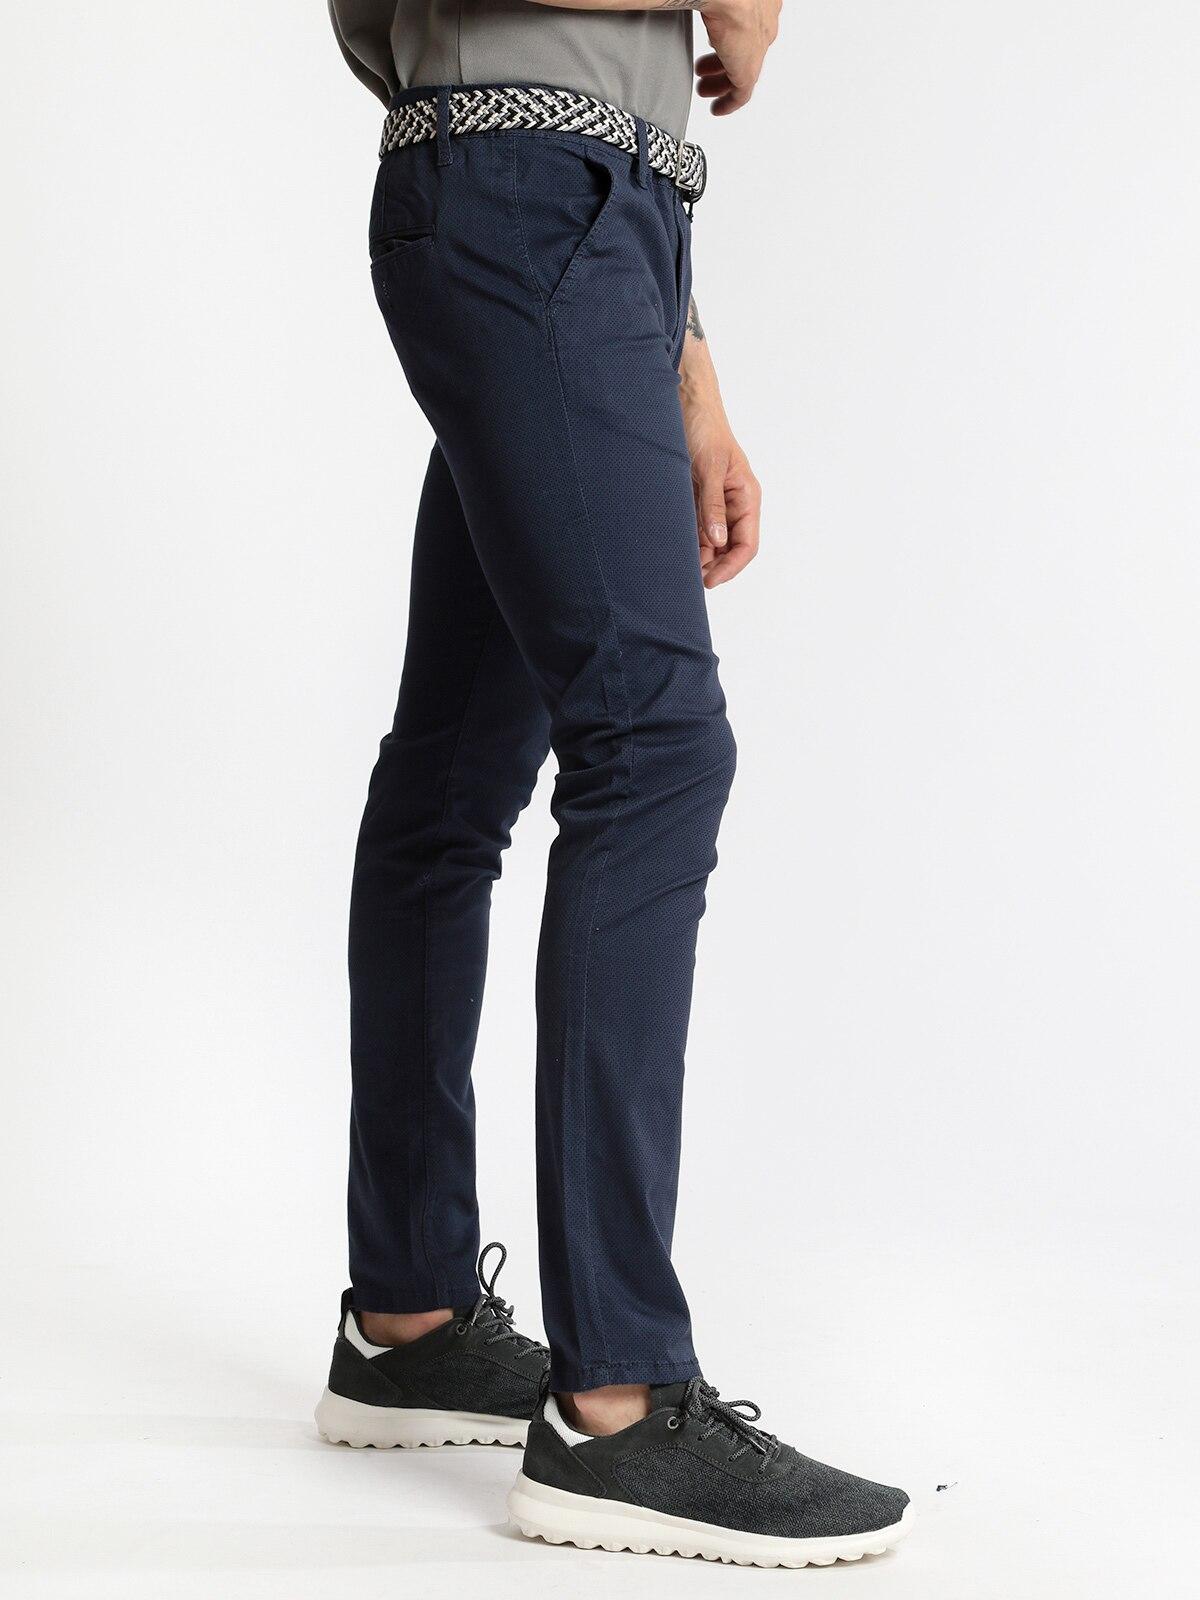 Chino Pants With Microfantasia